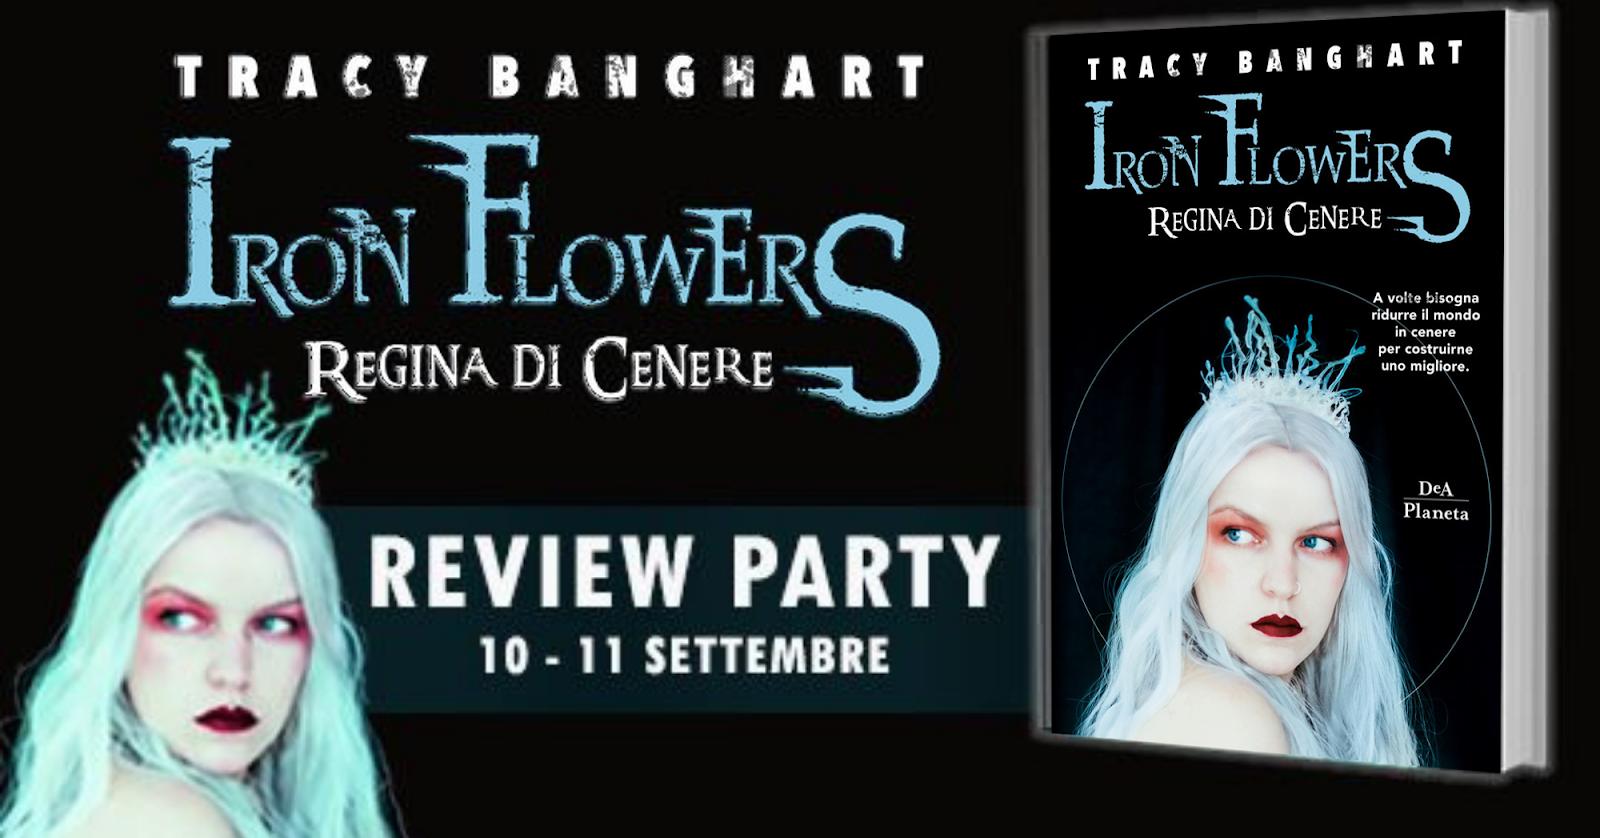 Recensione di Iron Flowers - Regina di cenere di Tracy Banghart